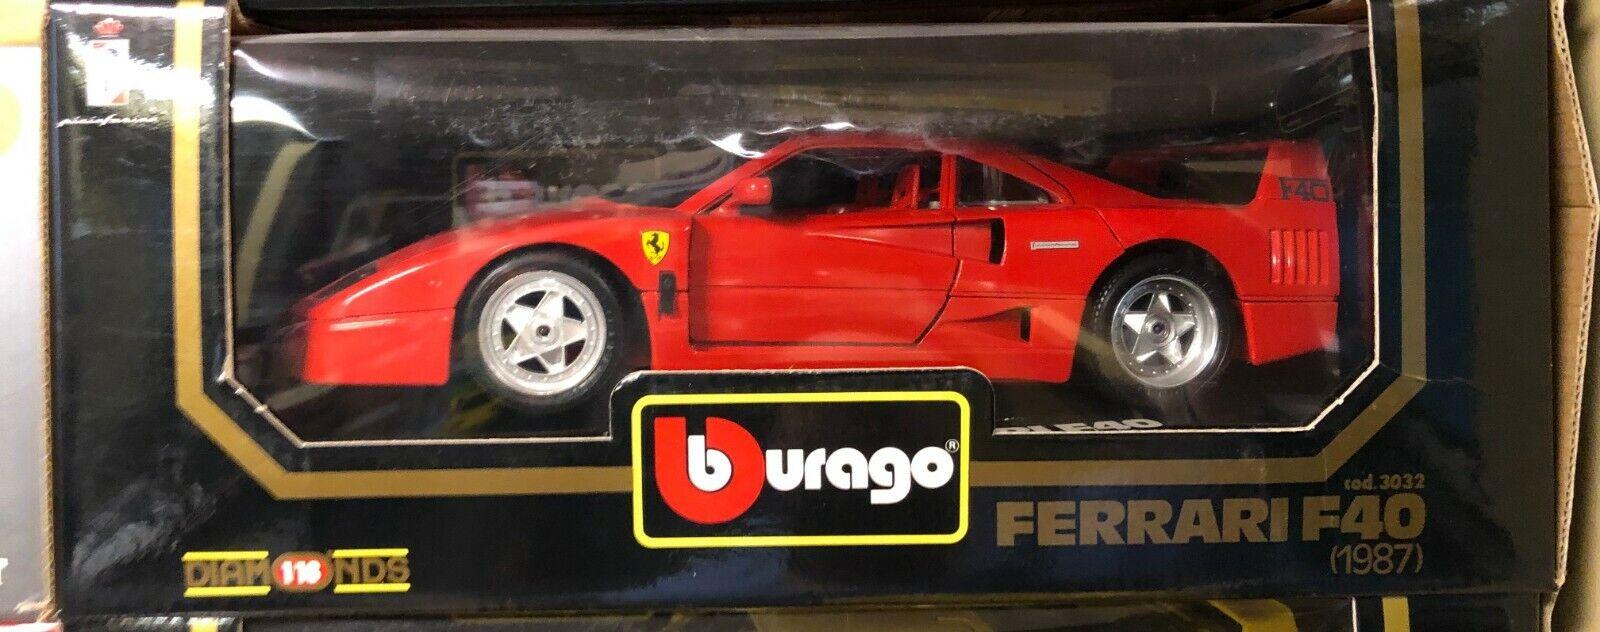 FERRARI F40 red CORSA RED 1 18 by BURAGO 3032 RARE OLD MODEL BRAND NEW IN BOX